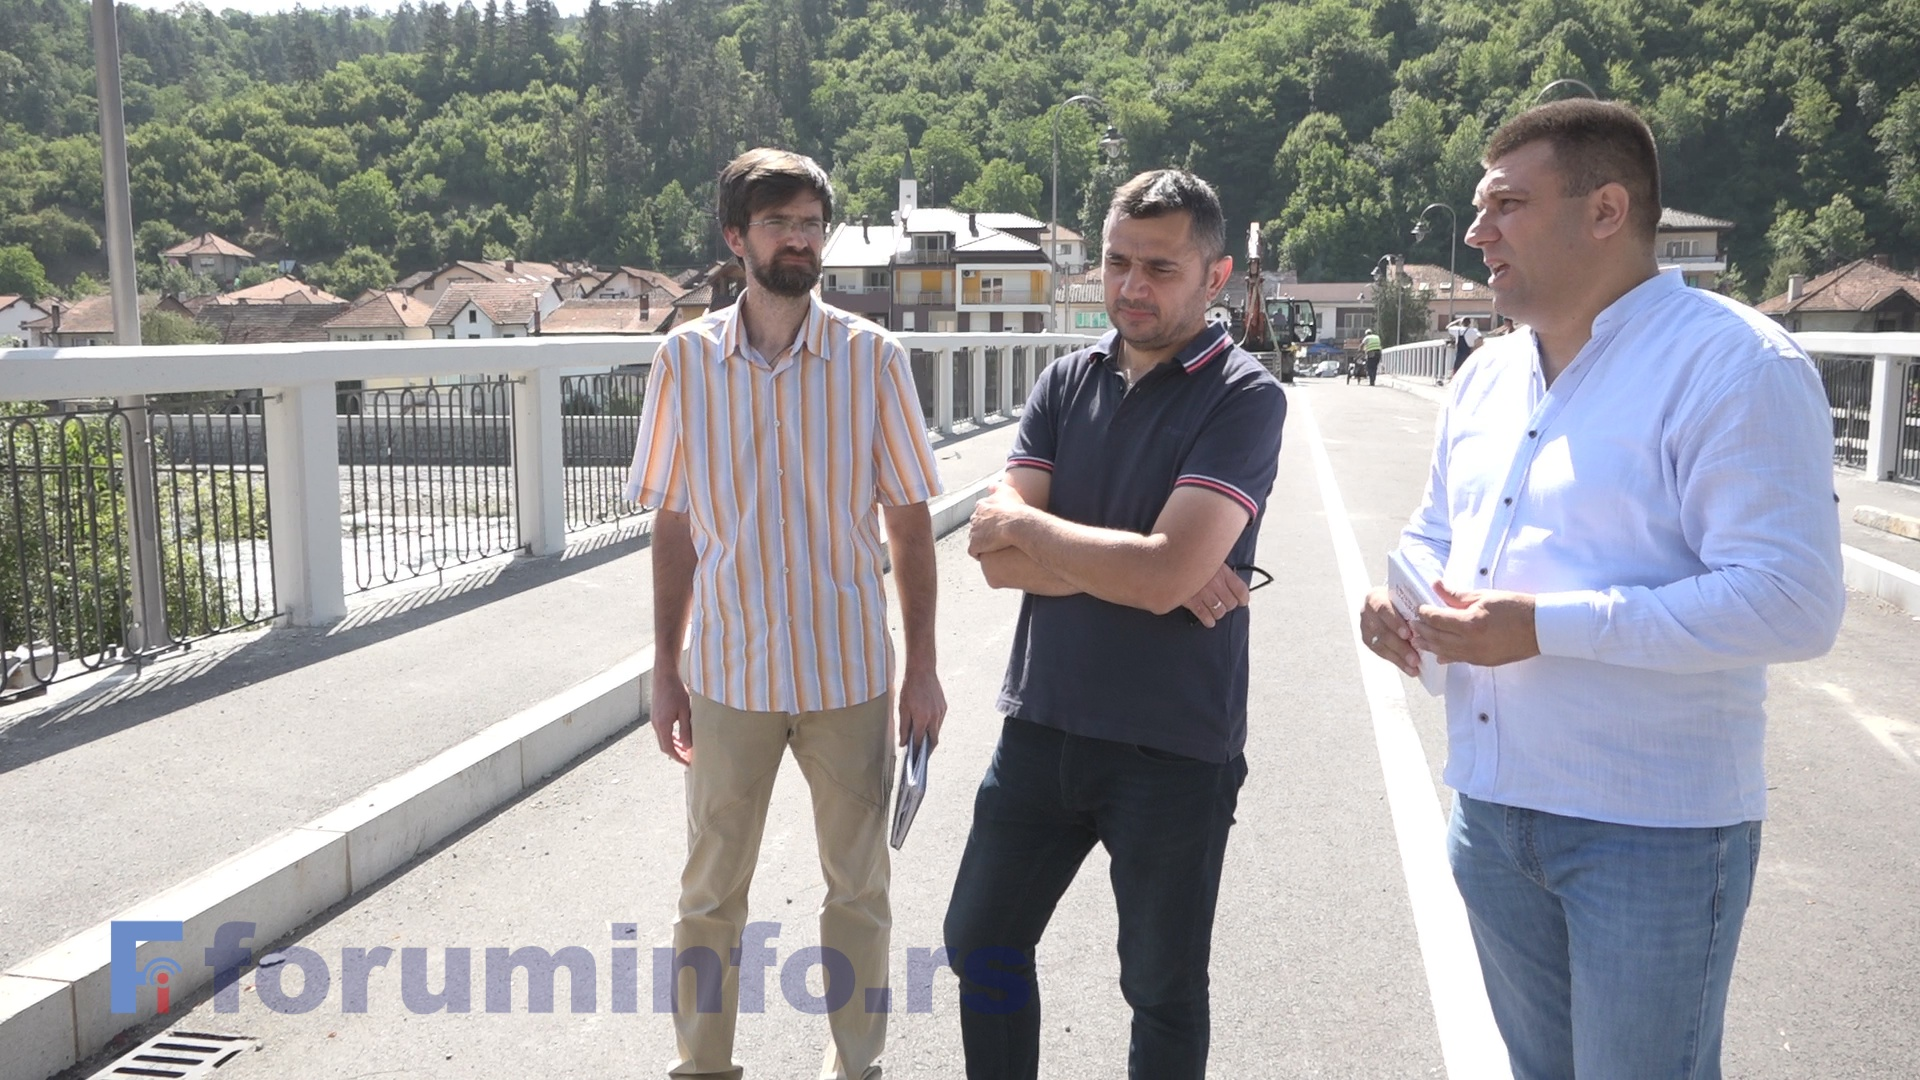 ОО ДВЕРИ Пријепоље: Недопустиво да се мост у Шарампову назове по окупатору